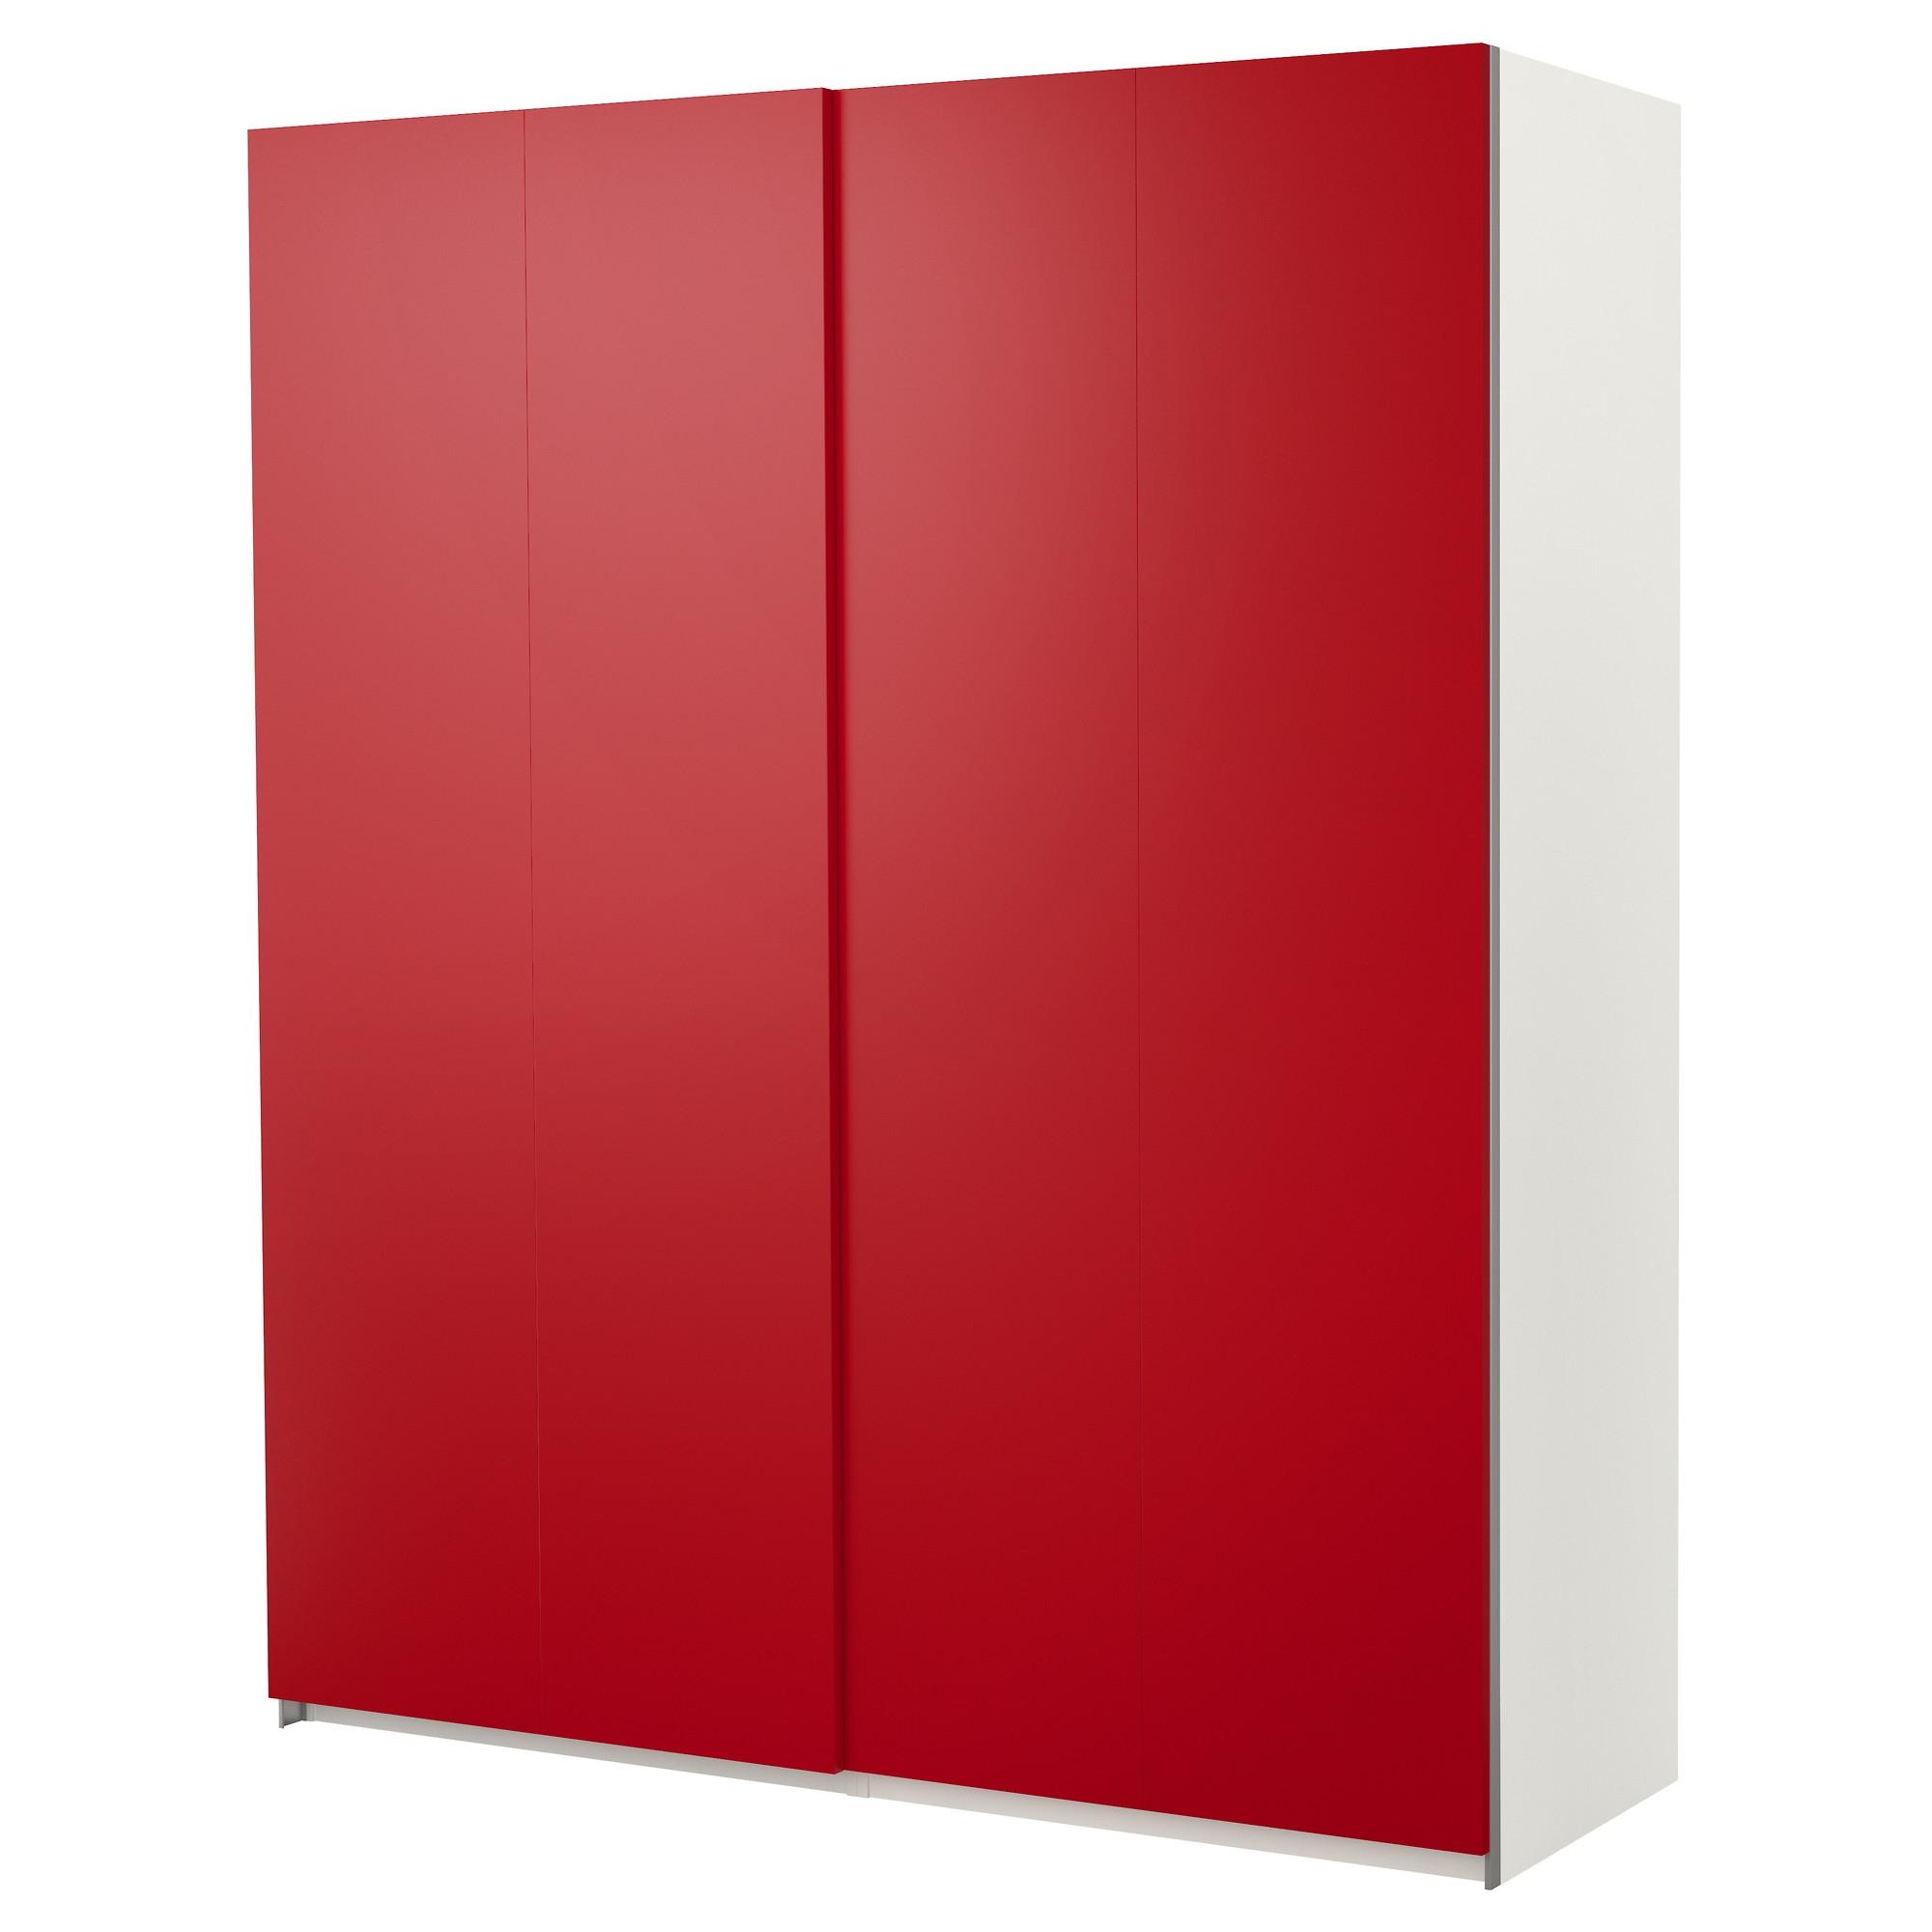 Ikea mallorca detalles producto - Ikea catalogo armarios modulares ...